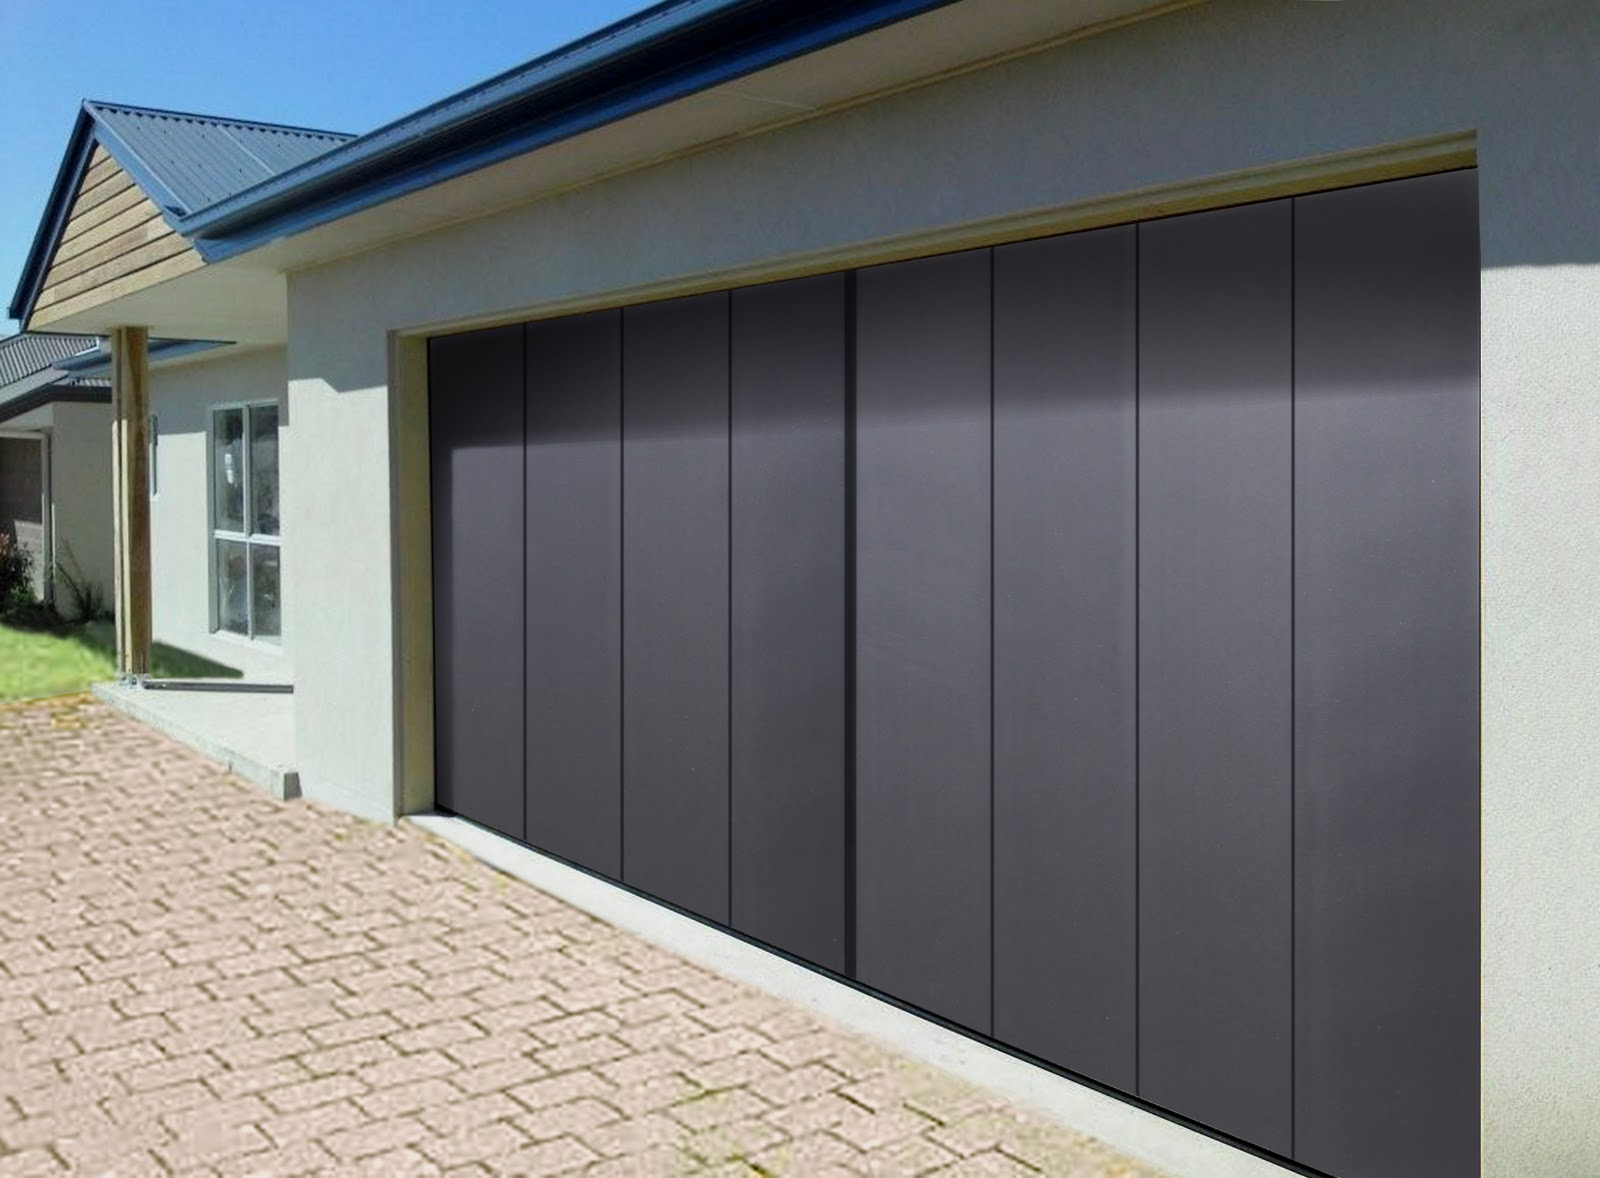 Amazing Side Sliding Doors Are Compatible With Garage Door Operators.